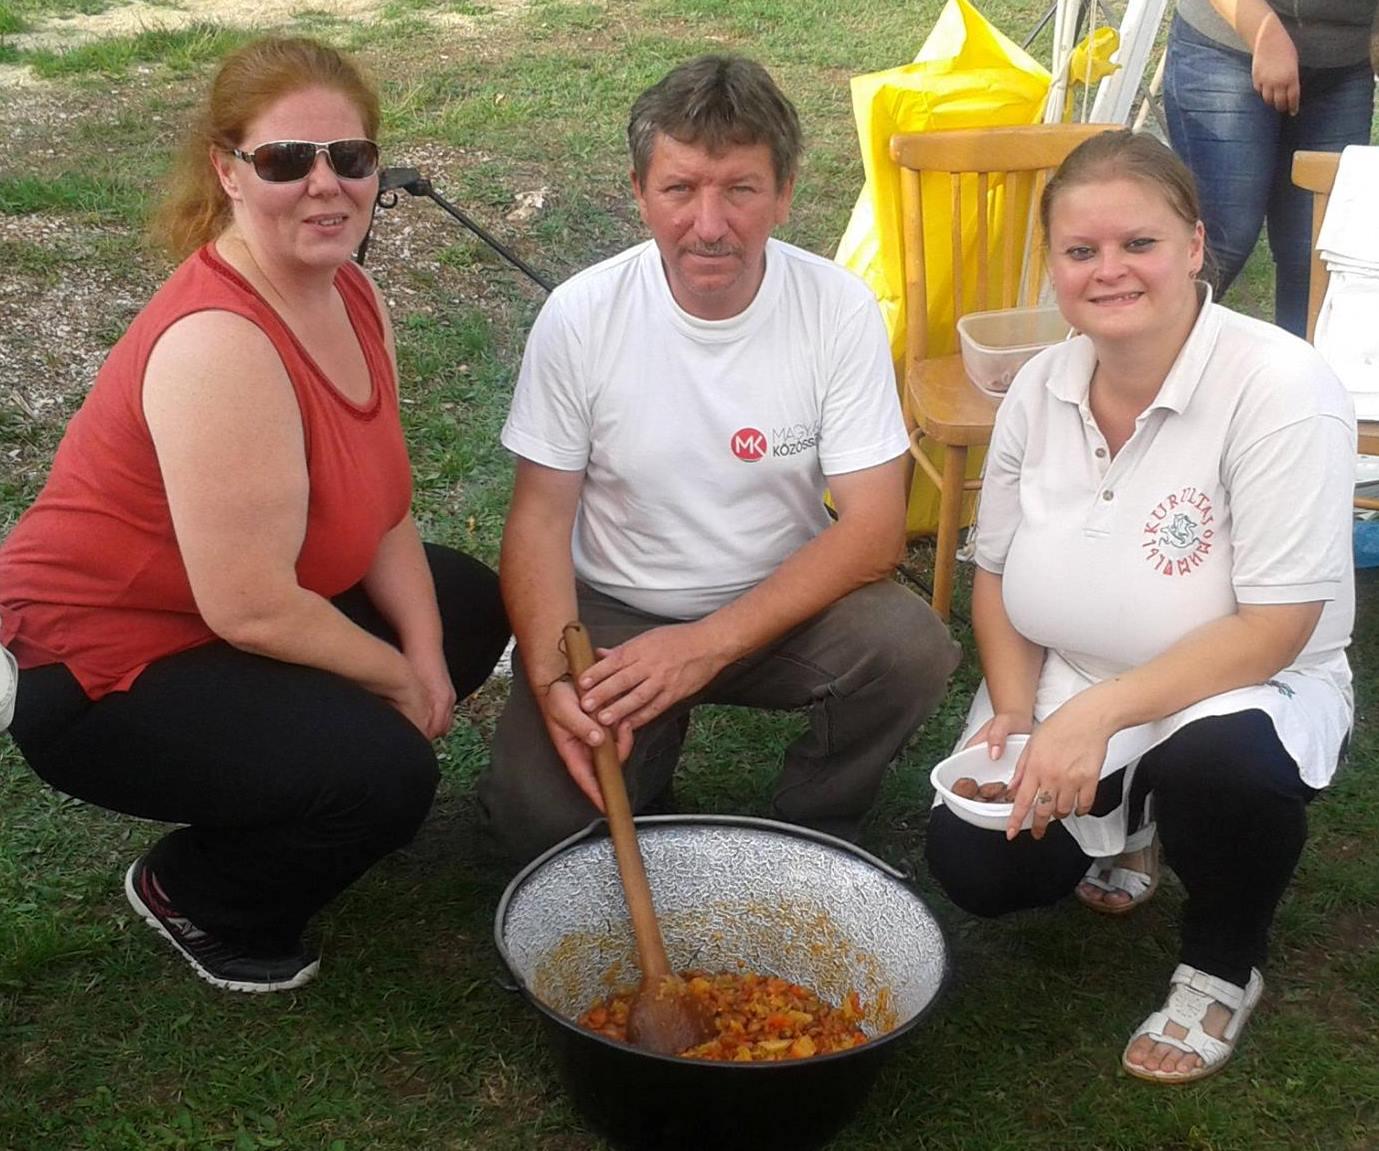 A Felvidék.ma főszerkesztőjével Homoly Erzsóval és Pósa Dénessel az ardói Lecsó fesztiválon